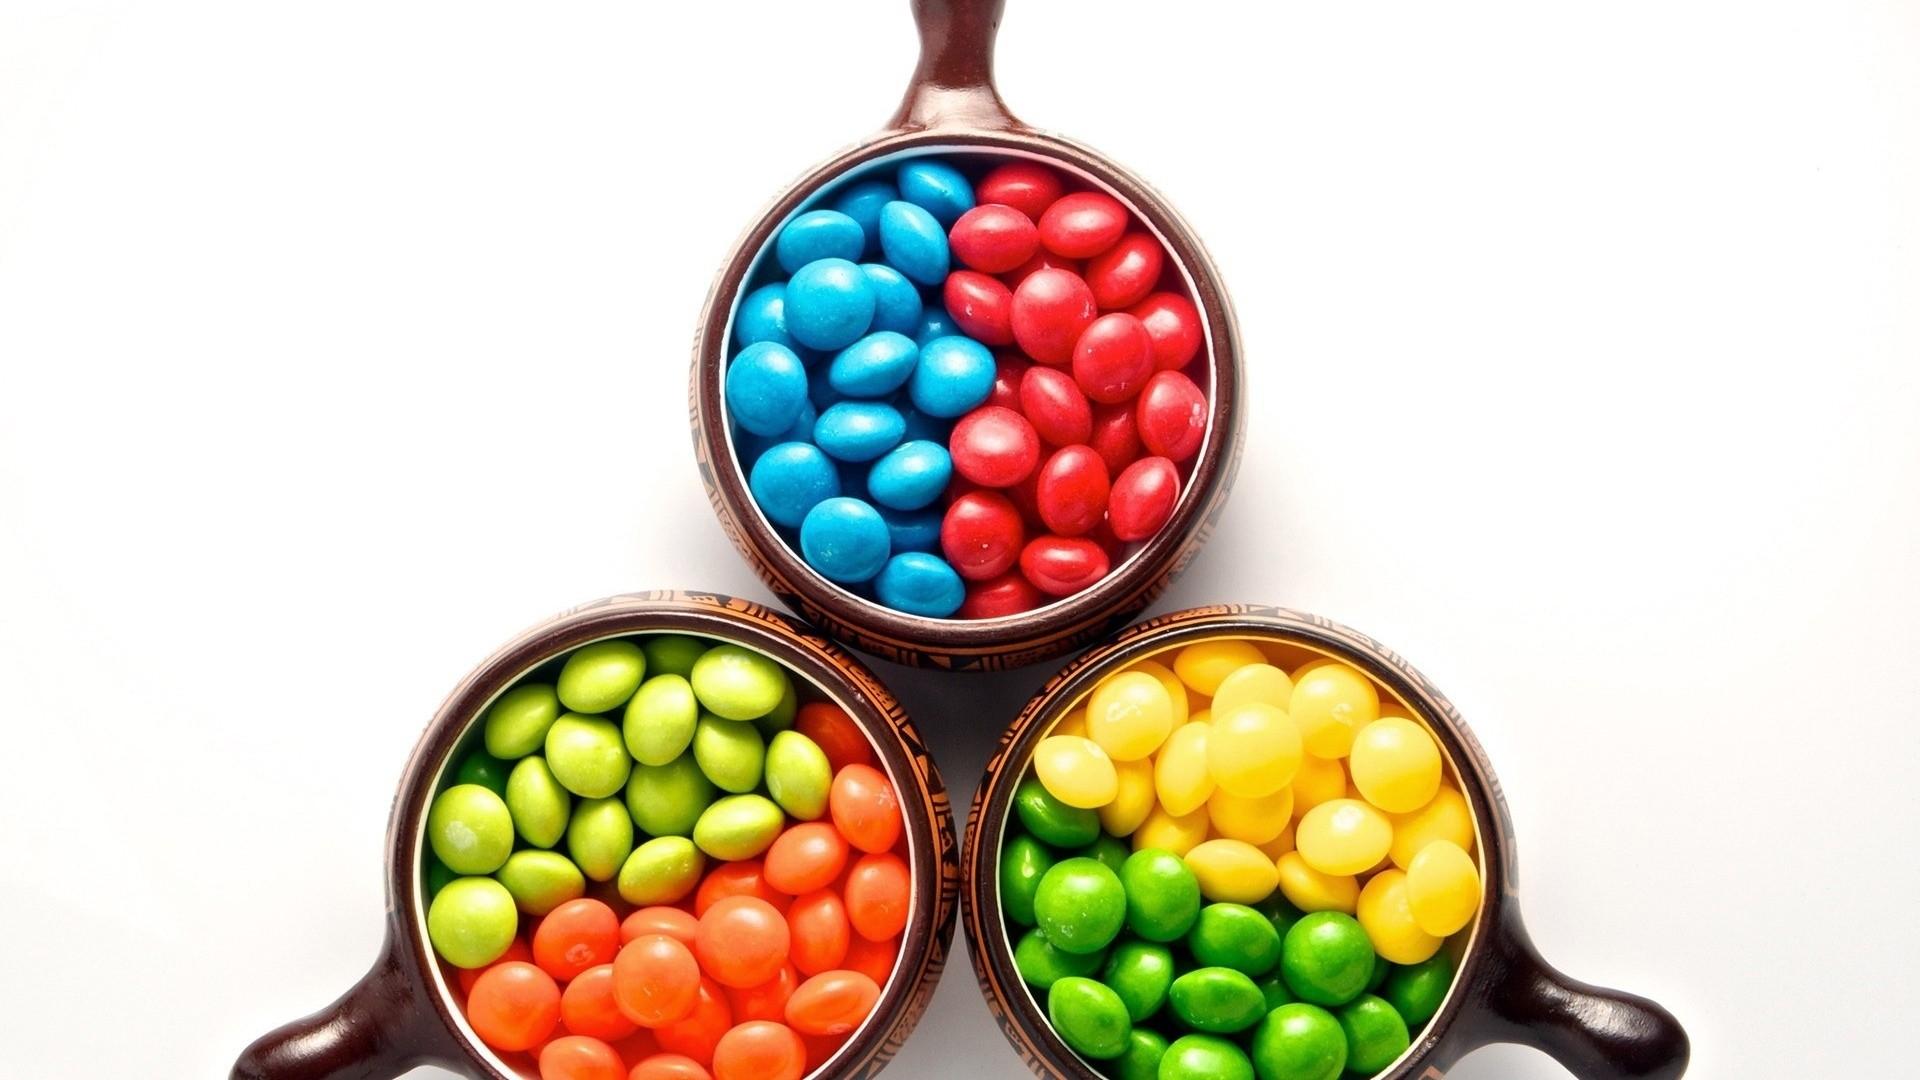 Skittles wallpaper image